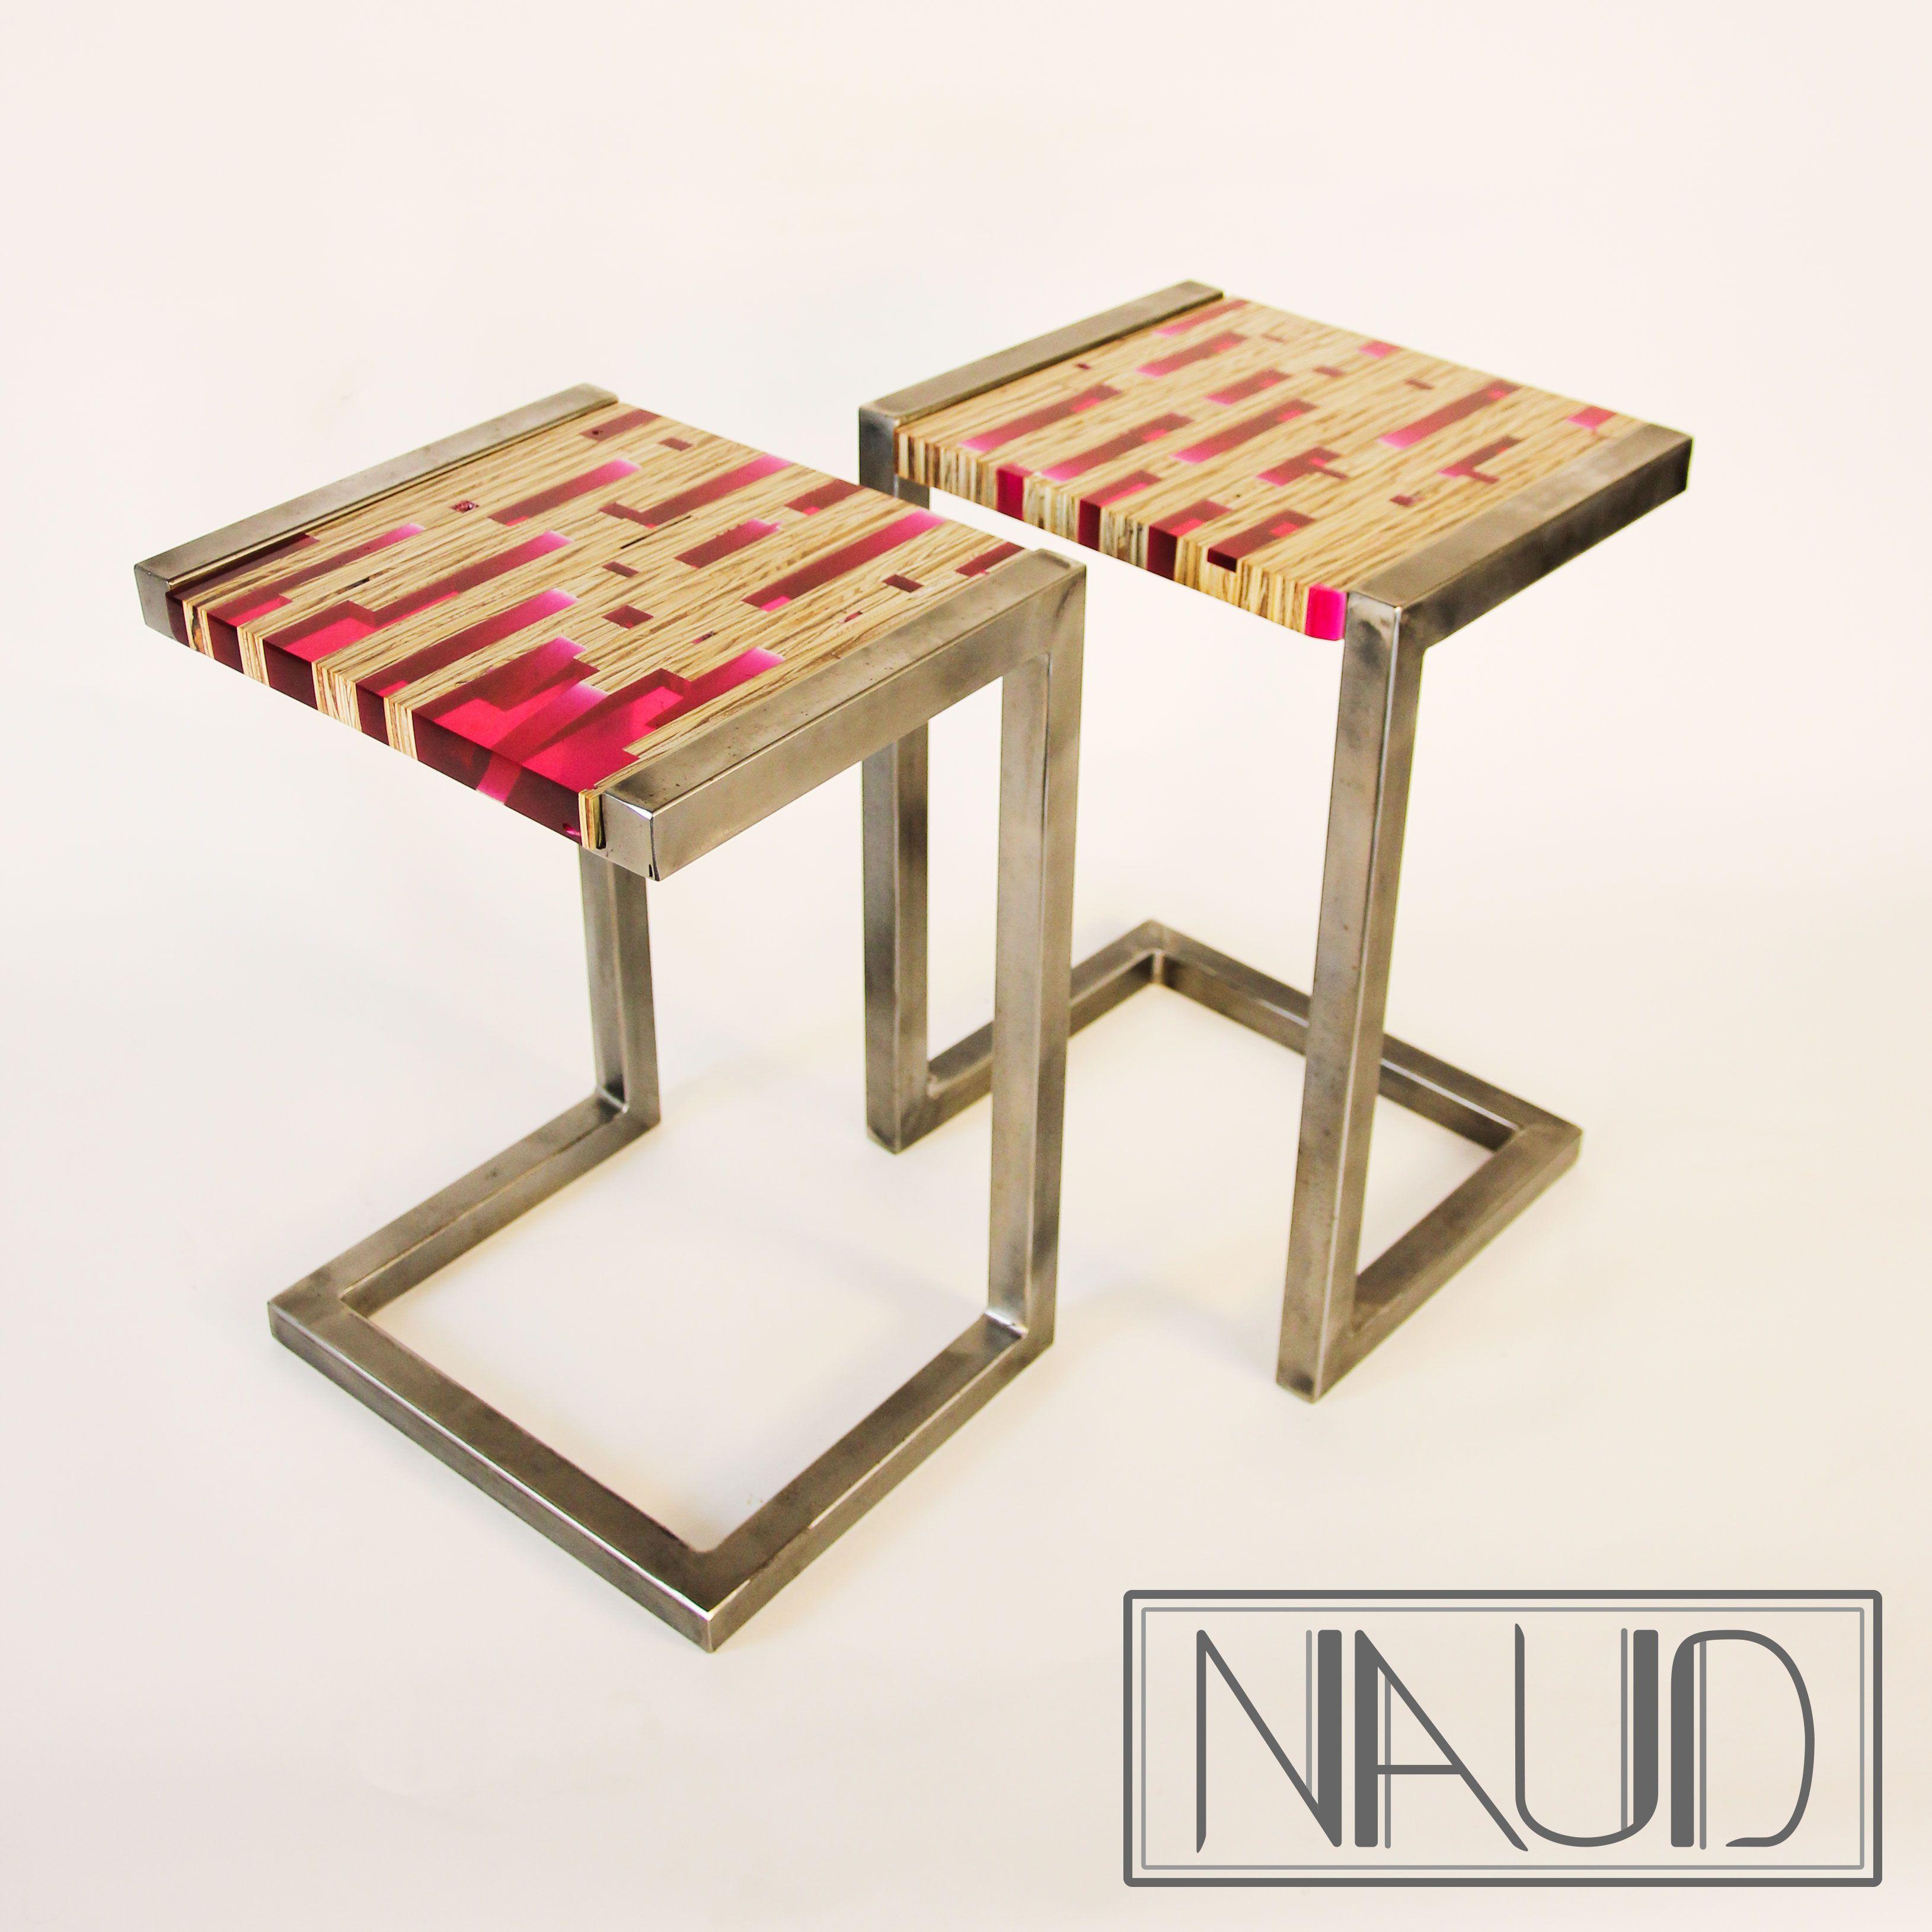 Meuble Avec Resine Epoxy gu�ridons 1, petit meuble design r�alis� en bois et r�sine